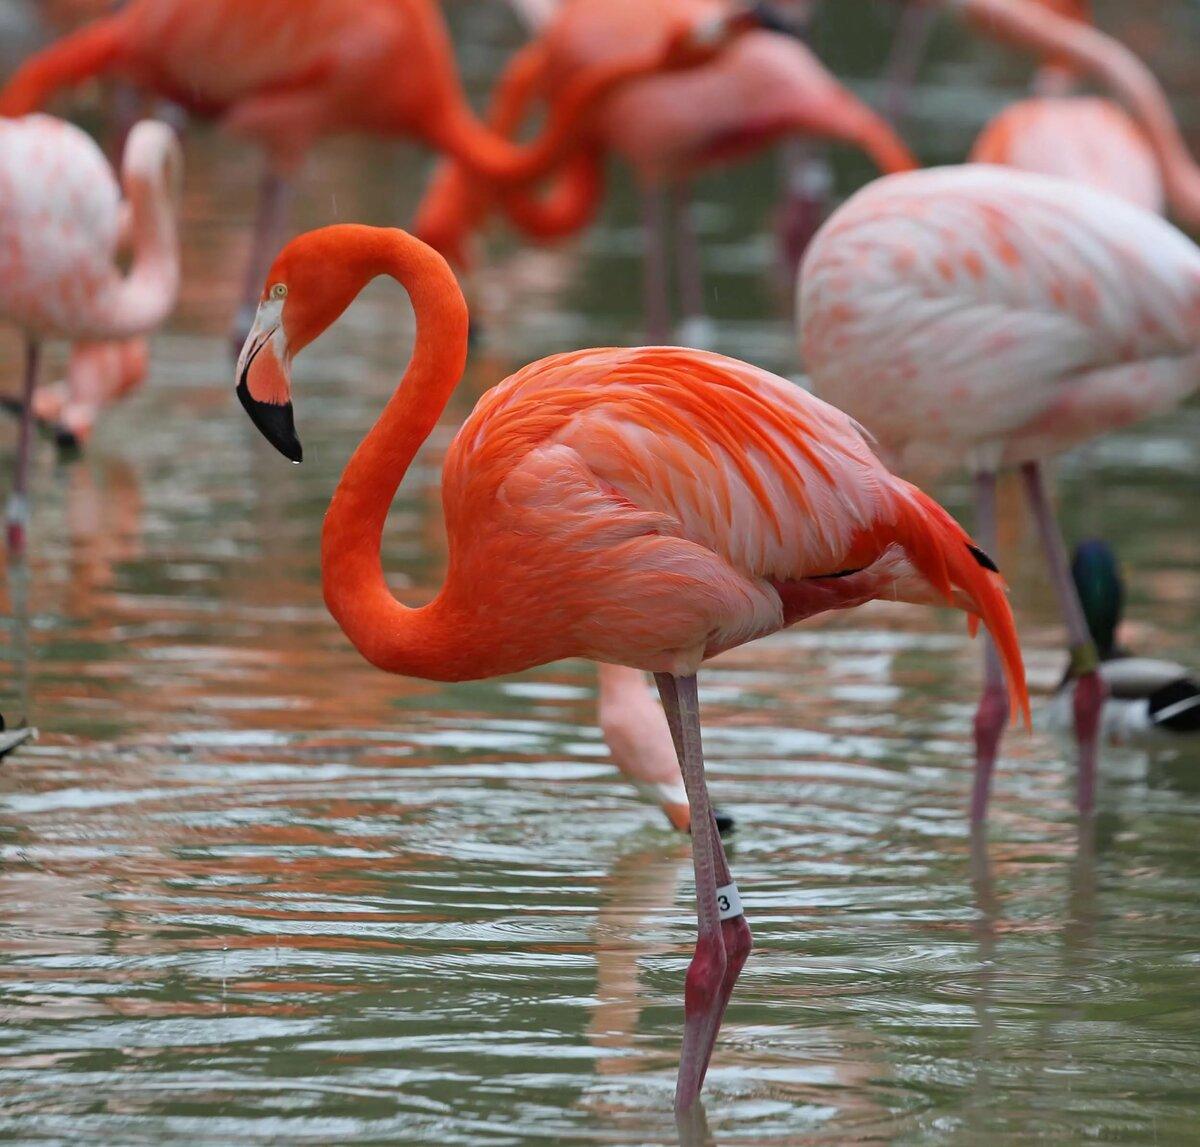 фото- картинки с розовыми фламинго учёными люди утверждают